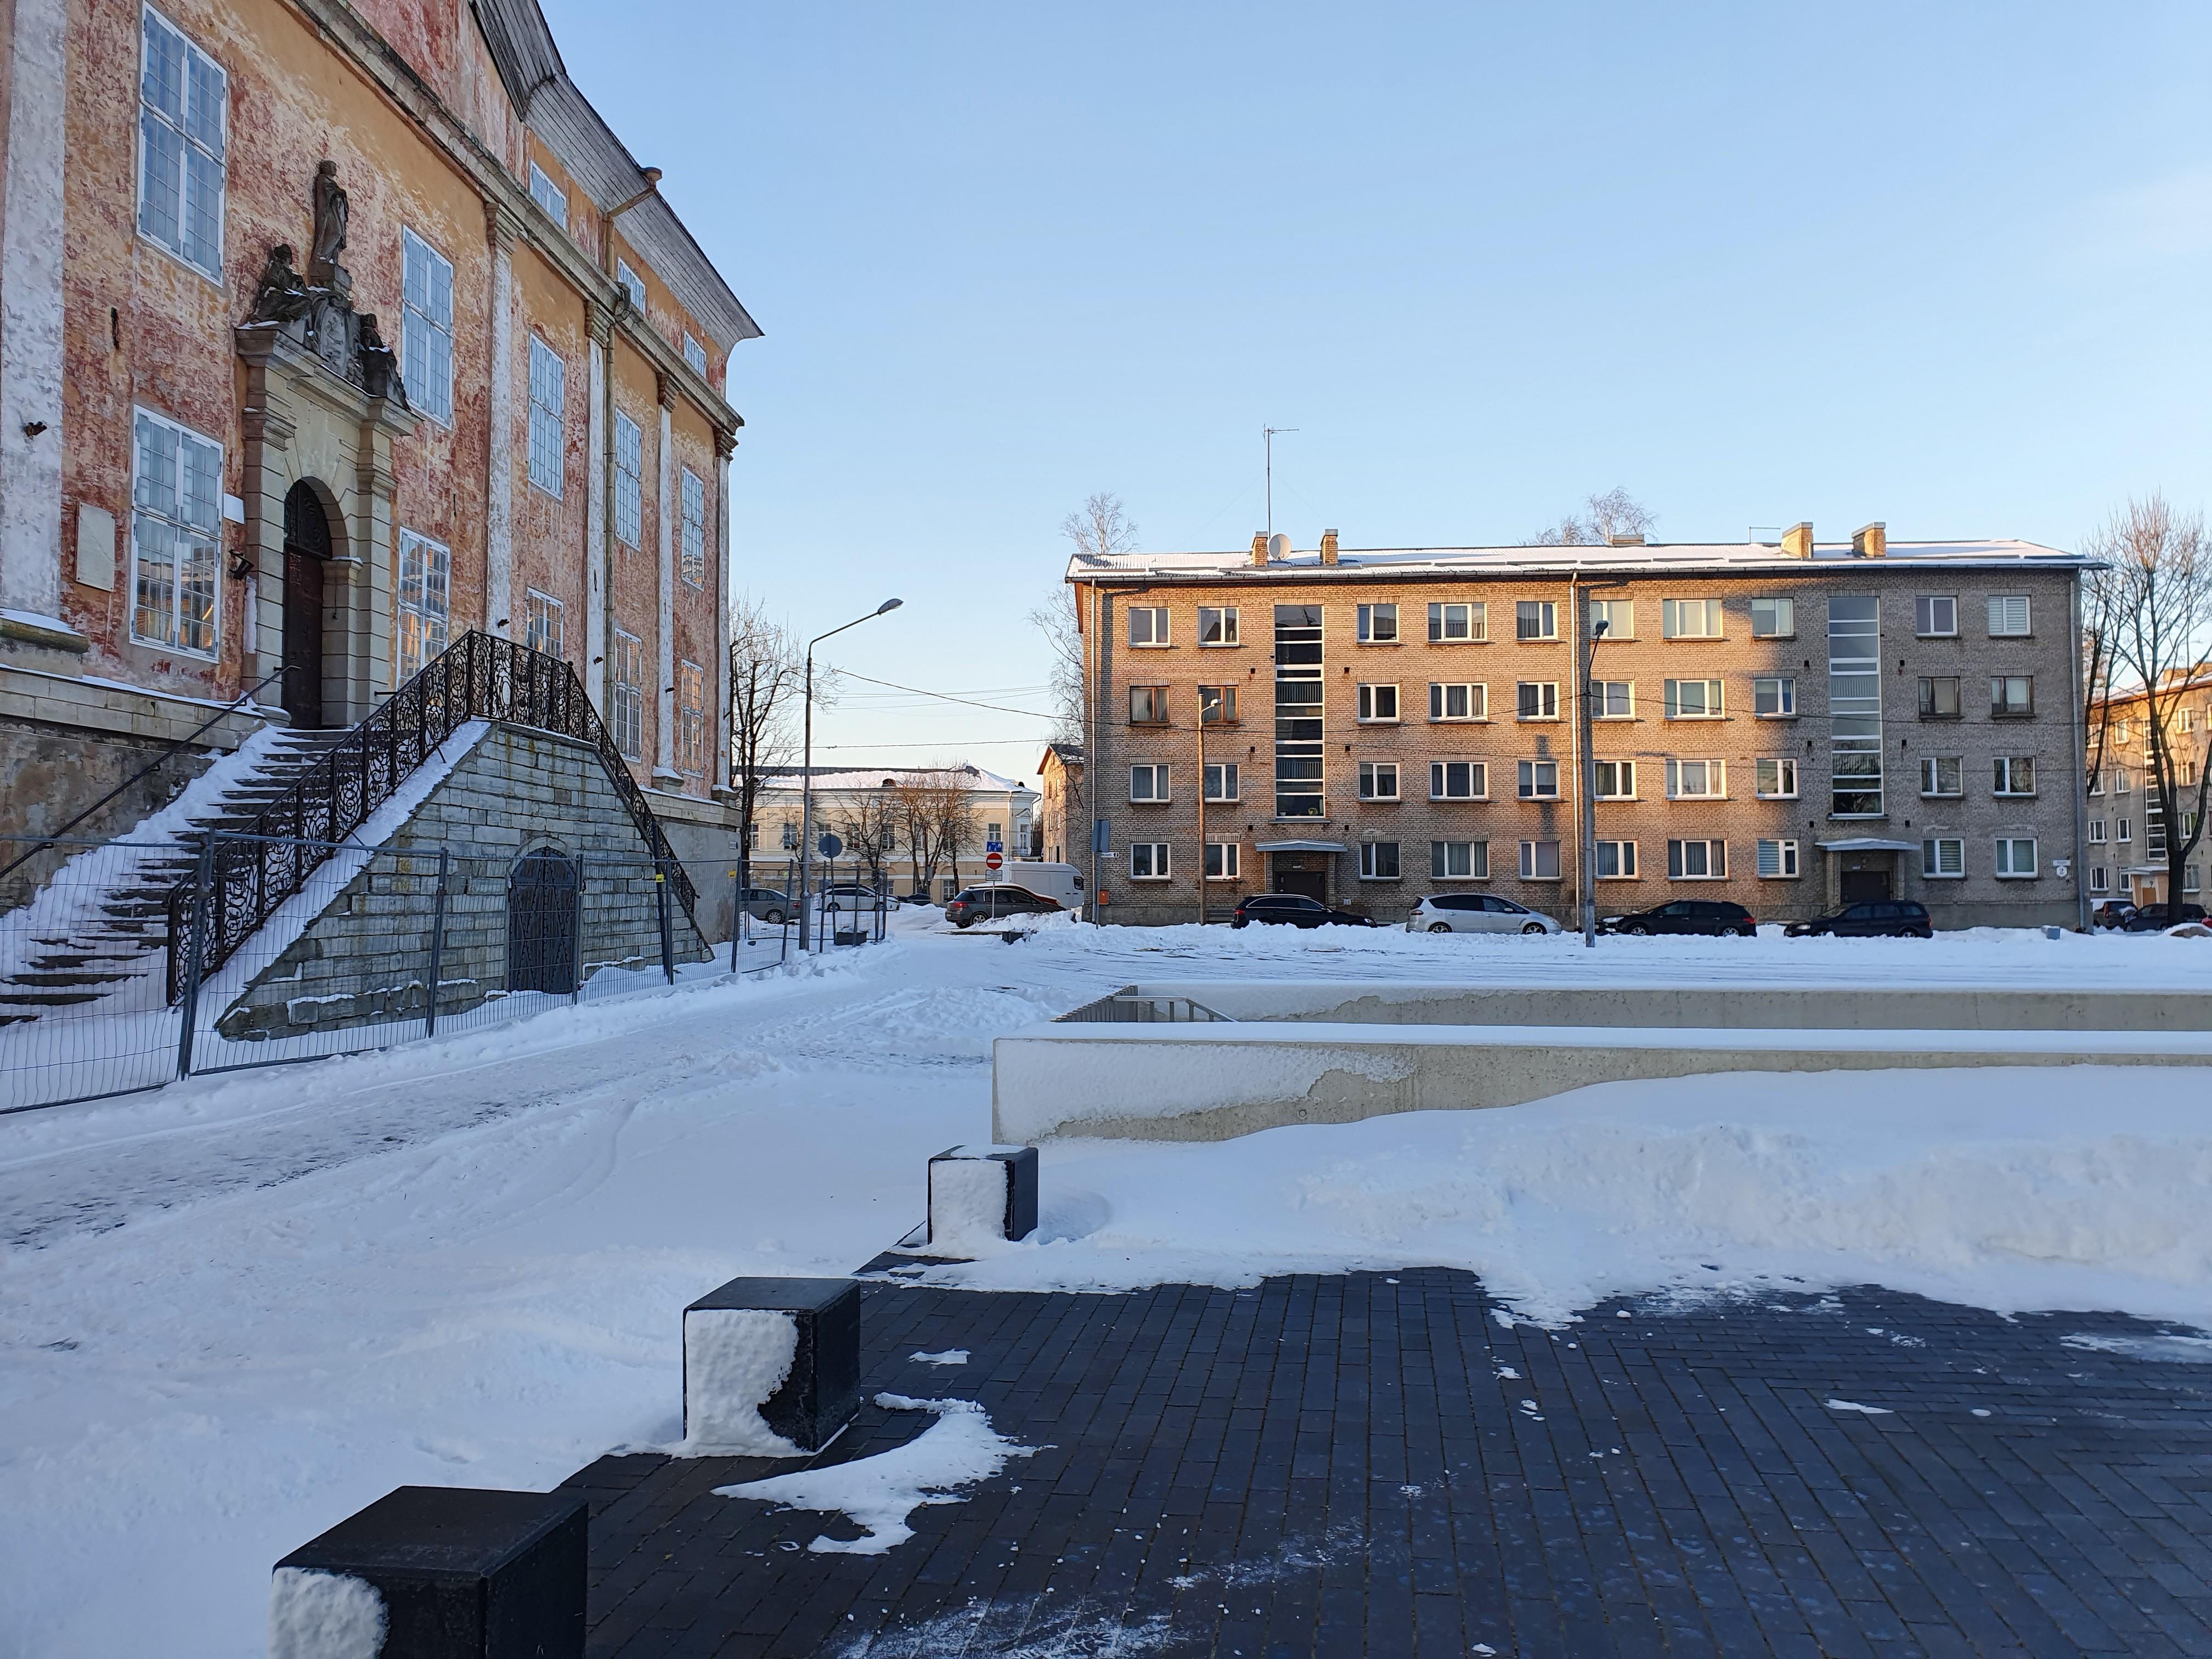 77 лет без «сердца»: специалисты предложили два варианта восстановления Старого города